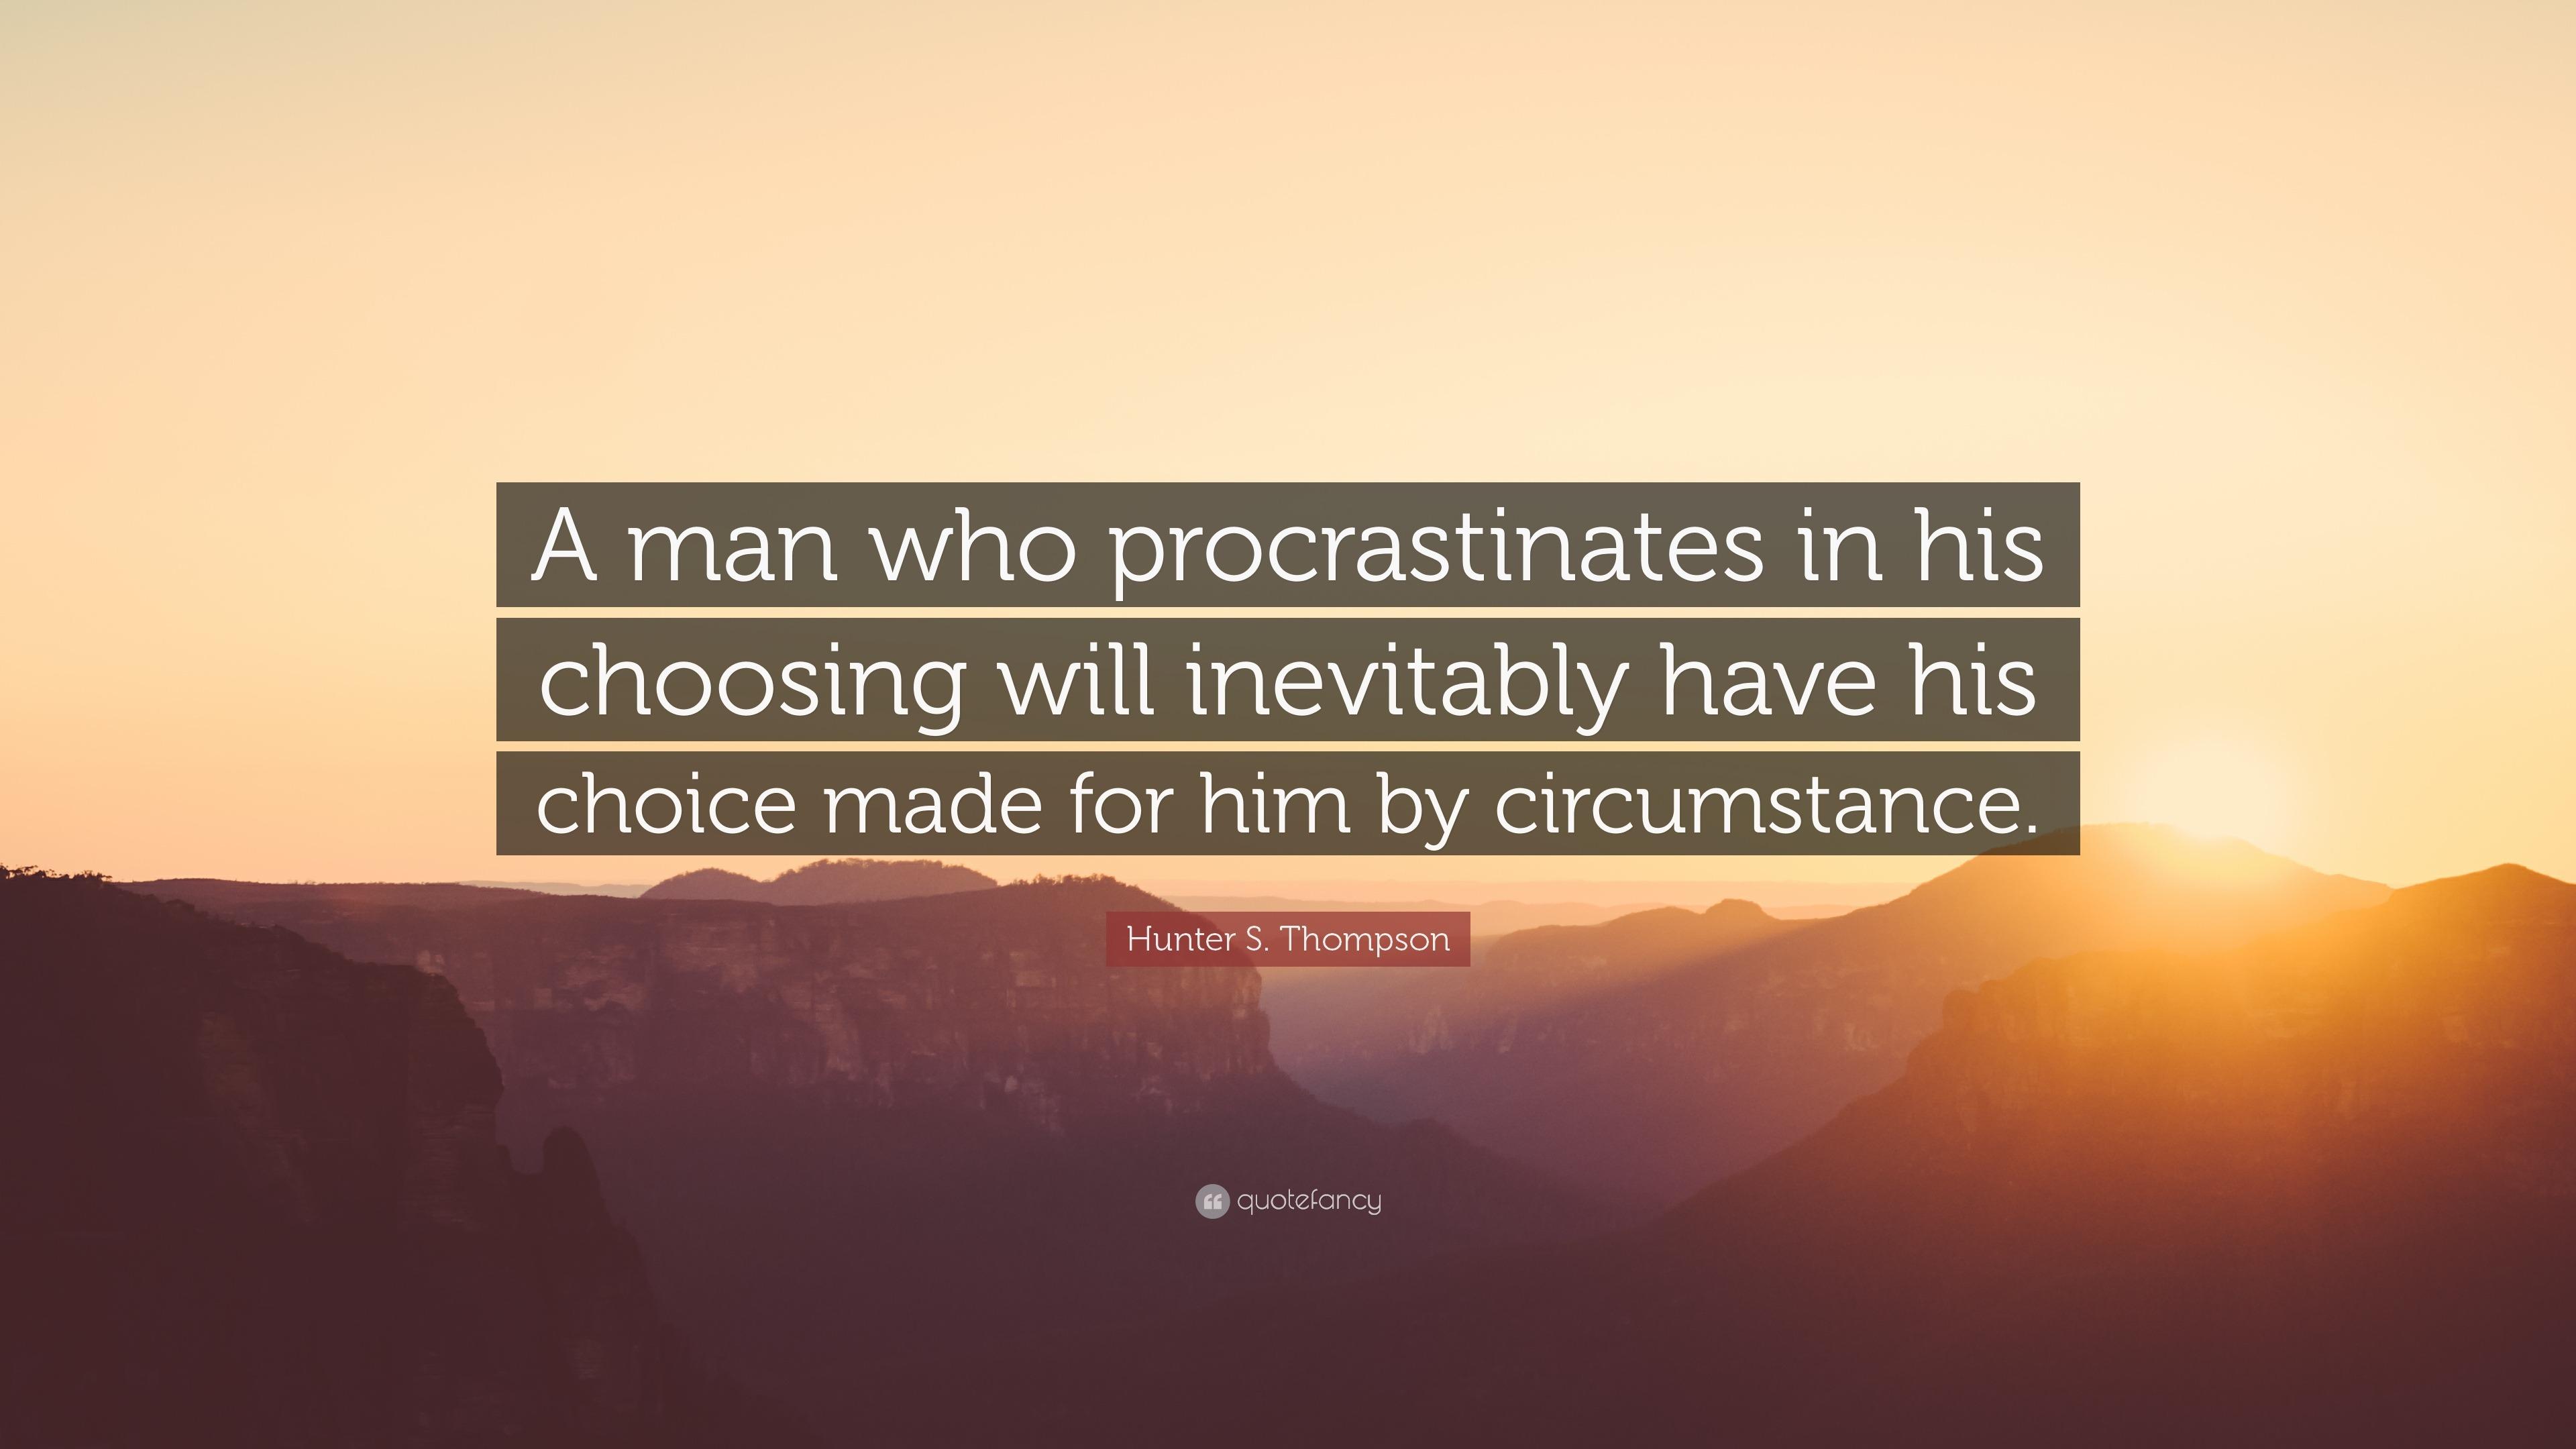 Hunter S Thompson Quote Wallpaper Hunter S Thompson Quote A Man Who Procrastinates In His